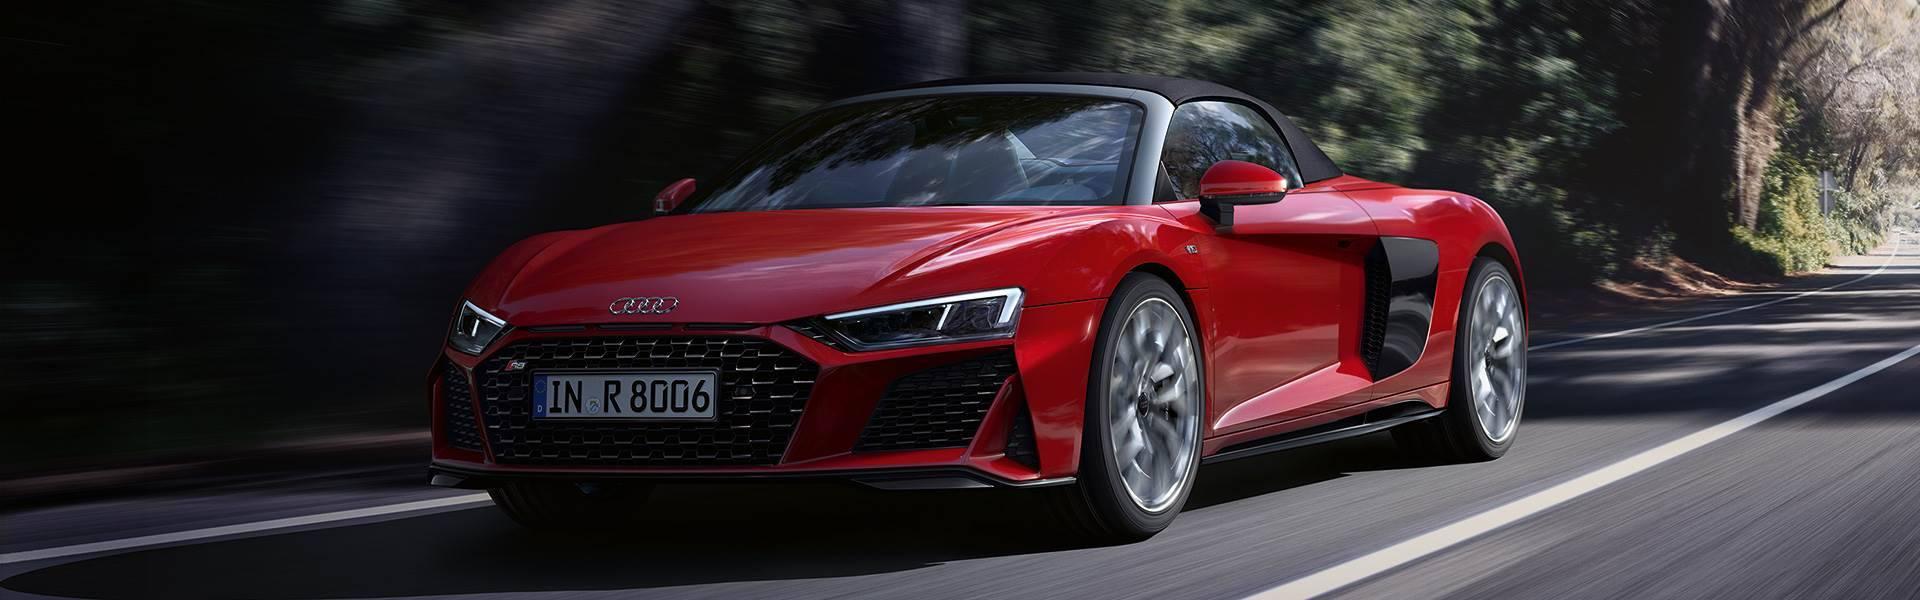 Audi R8 Spyder V10 quattro décapotée face rouge